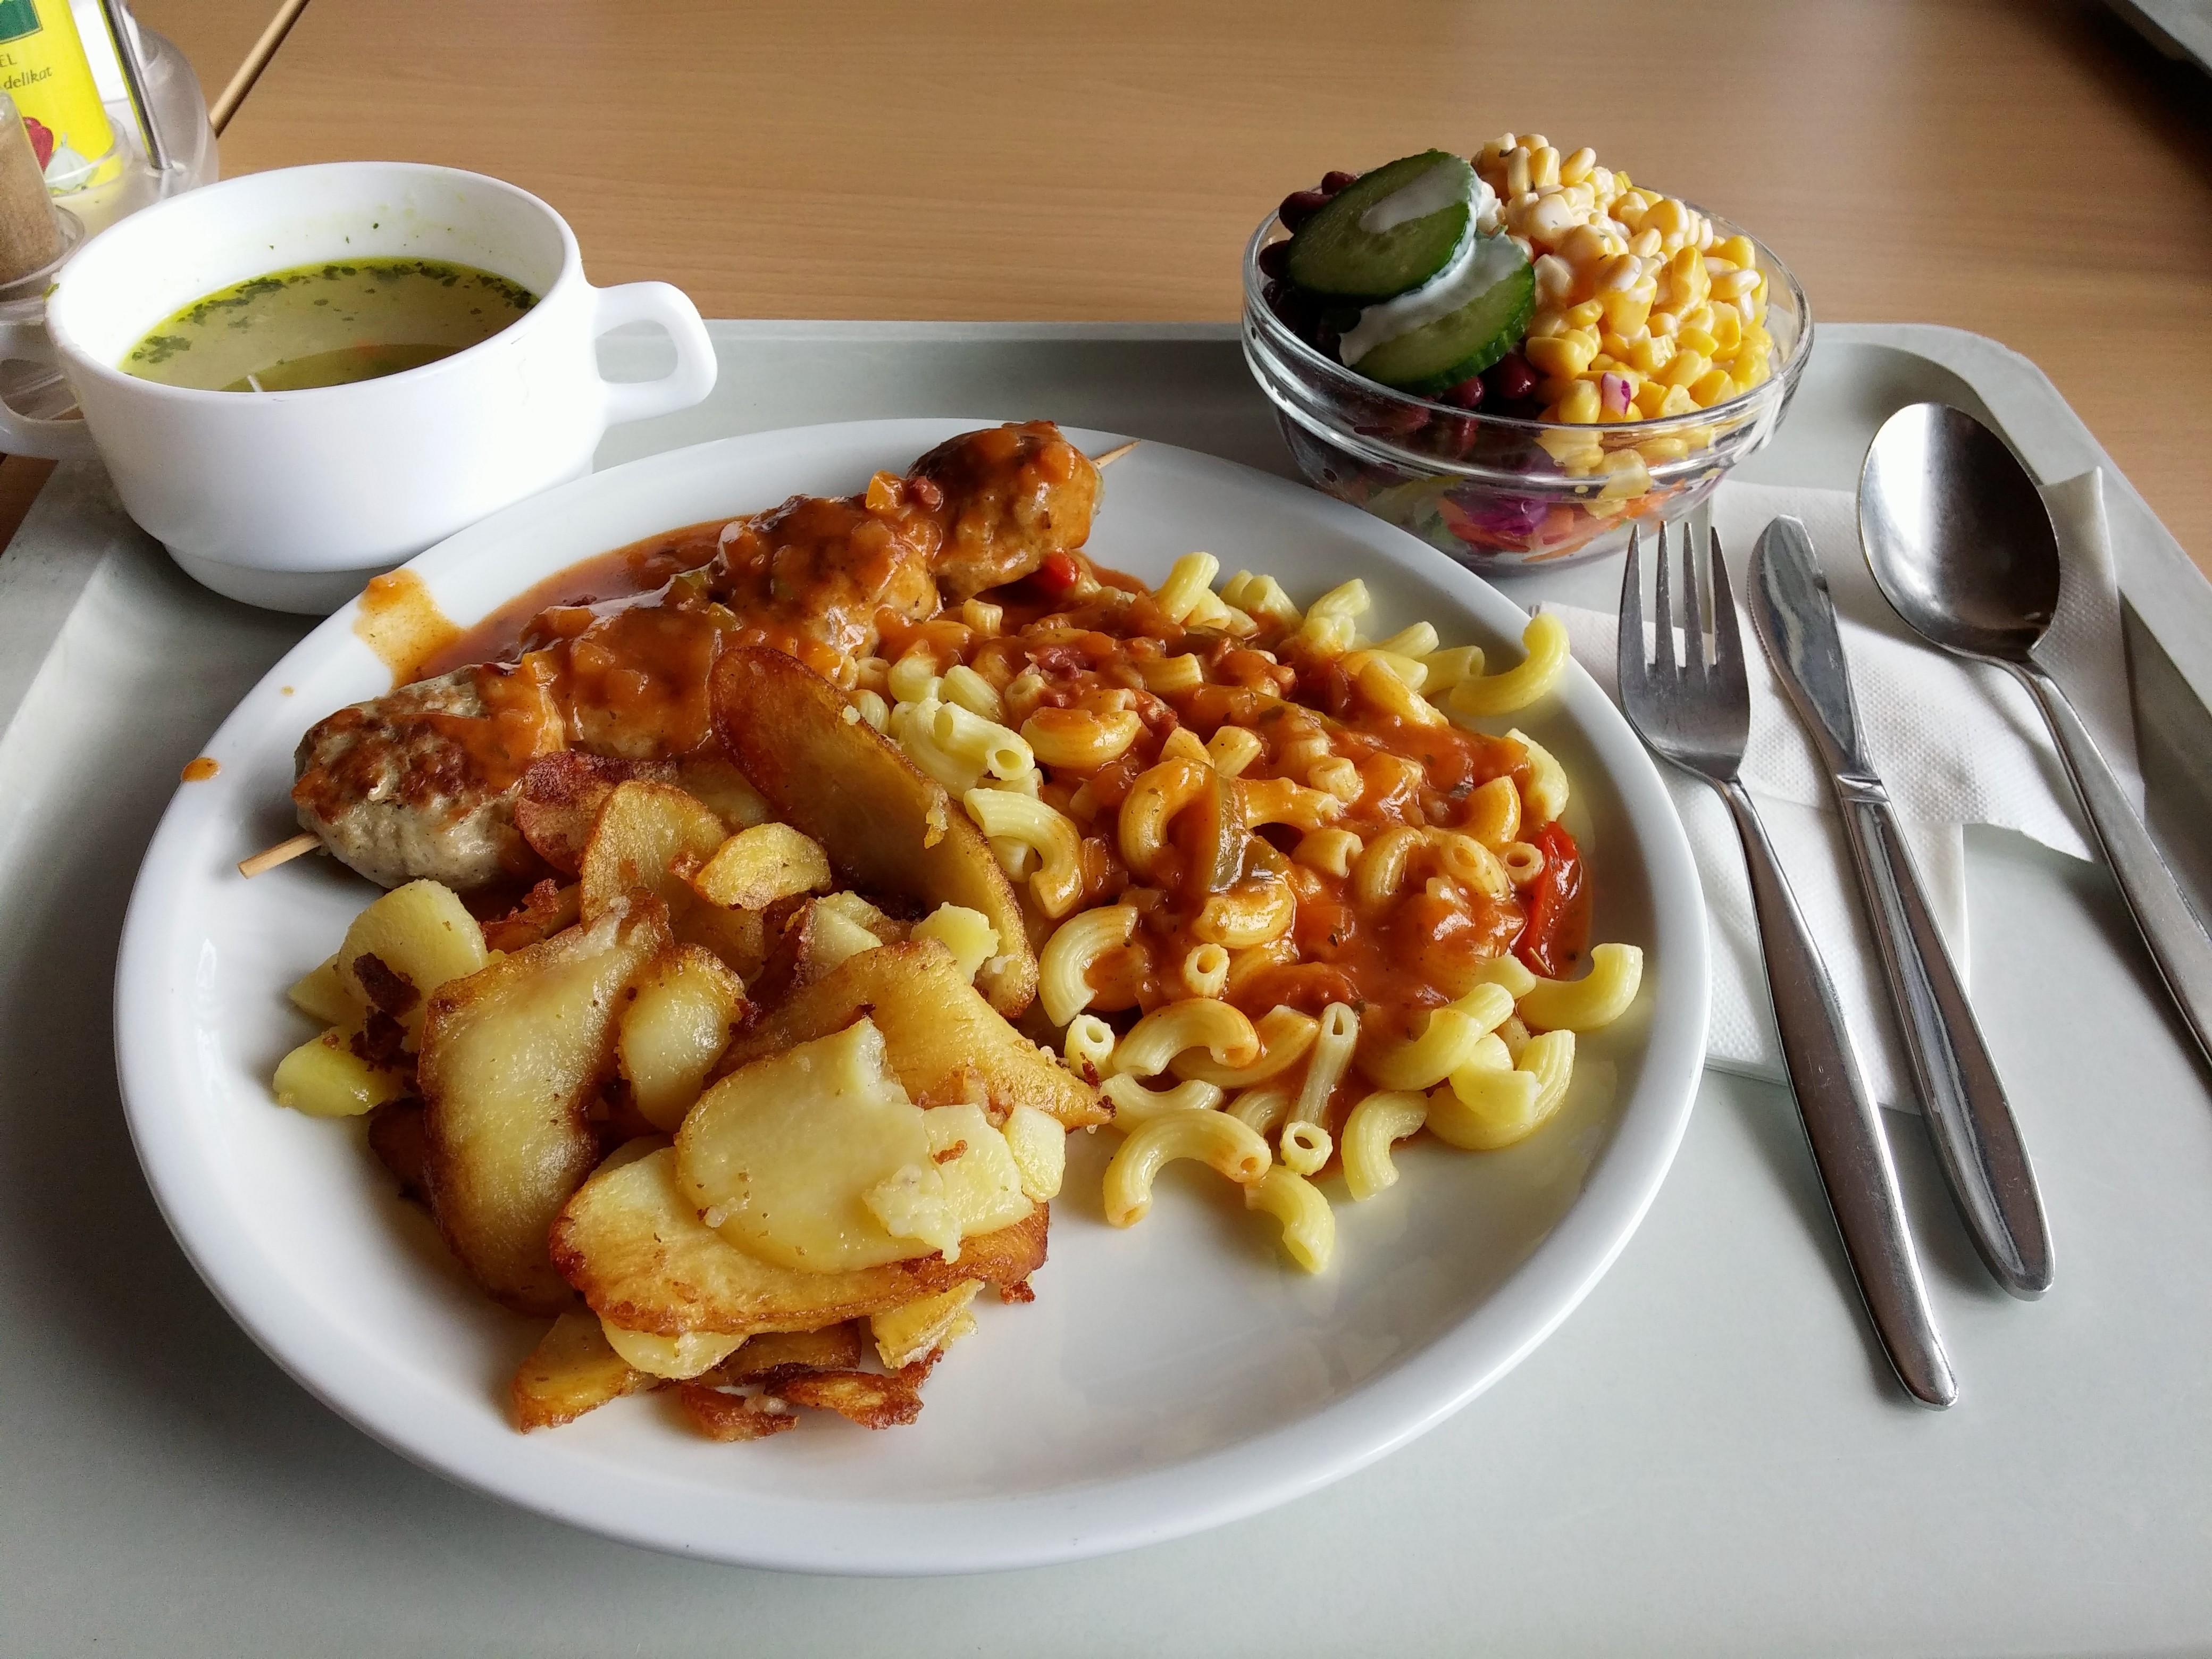 https://foodloader.net/nico_2014-07-14_frikadellenspiess-mit-nudeln-bratkartoffeln-suppe-und-salat.jpg